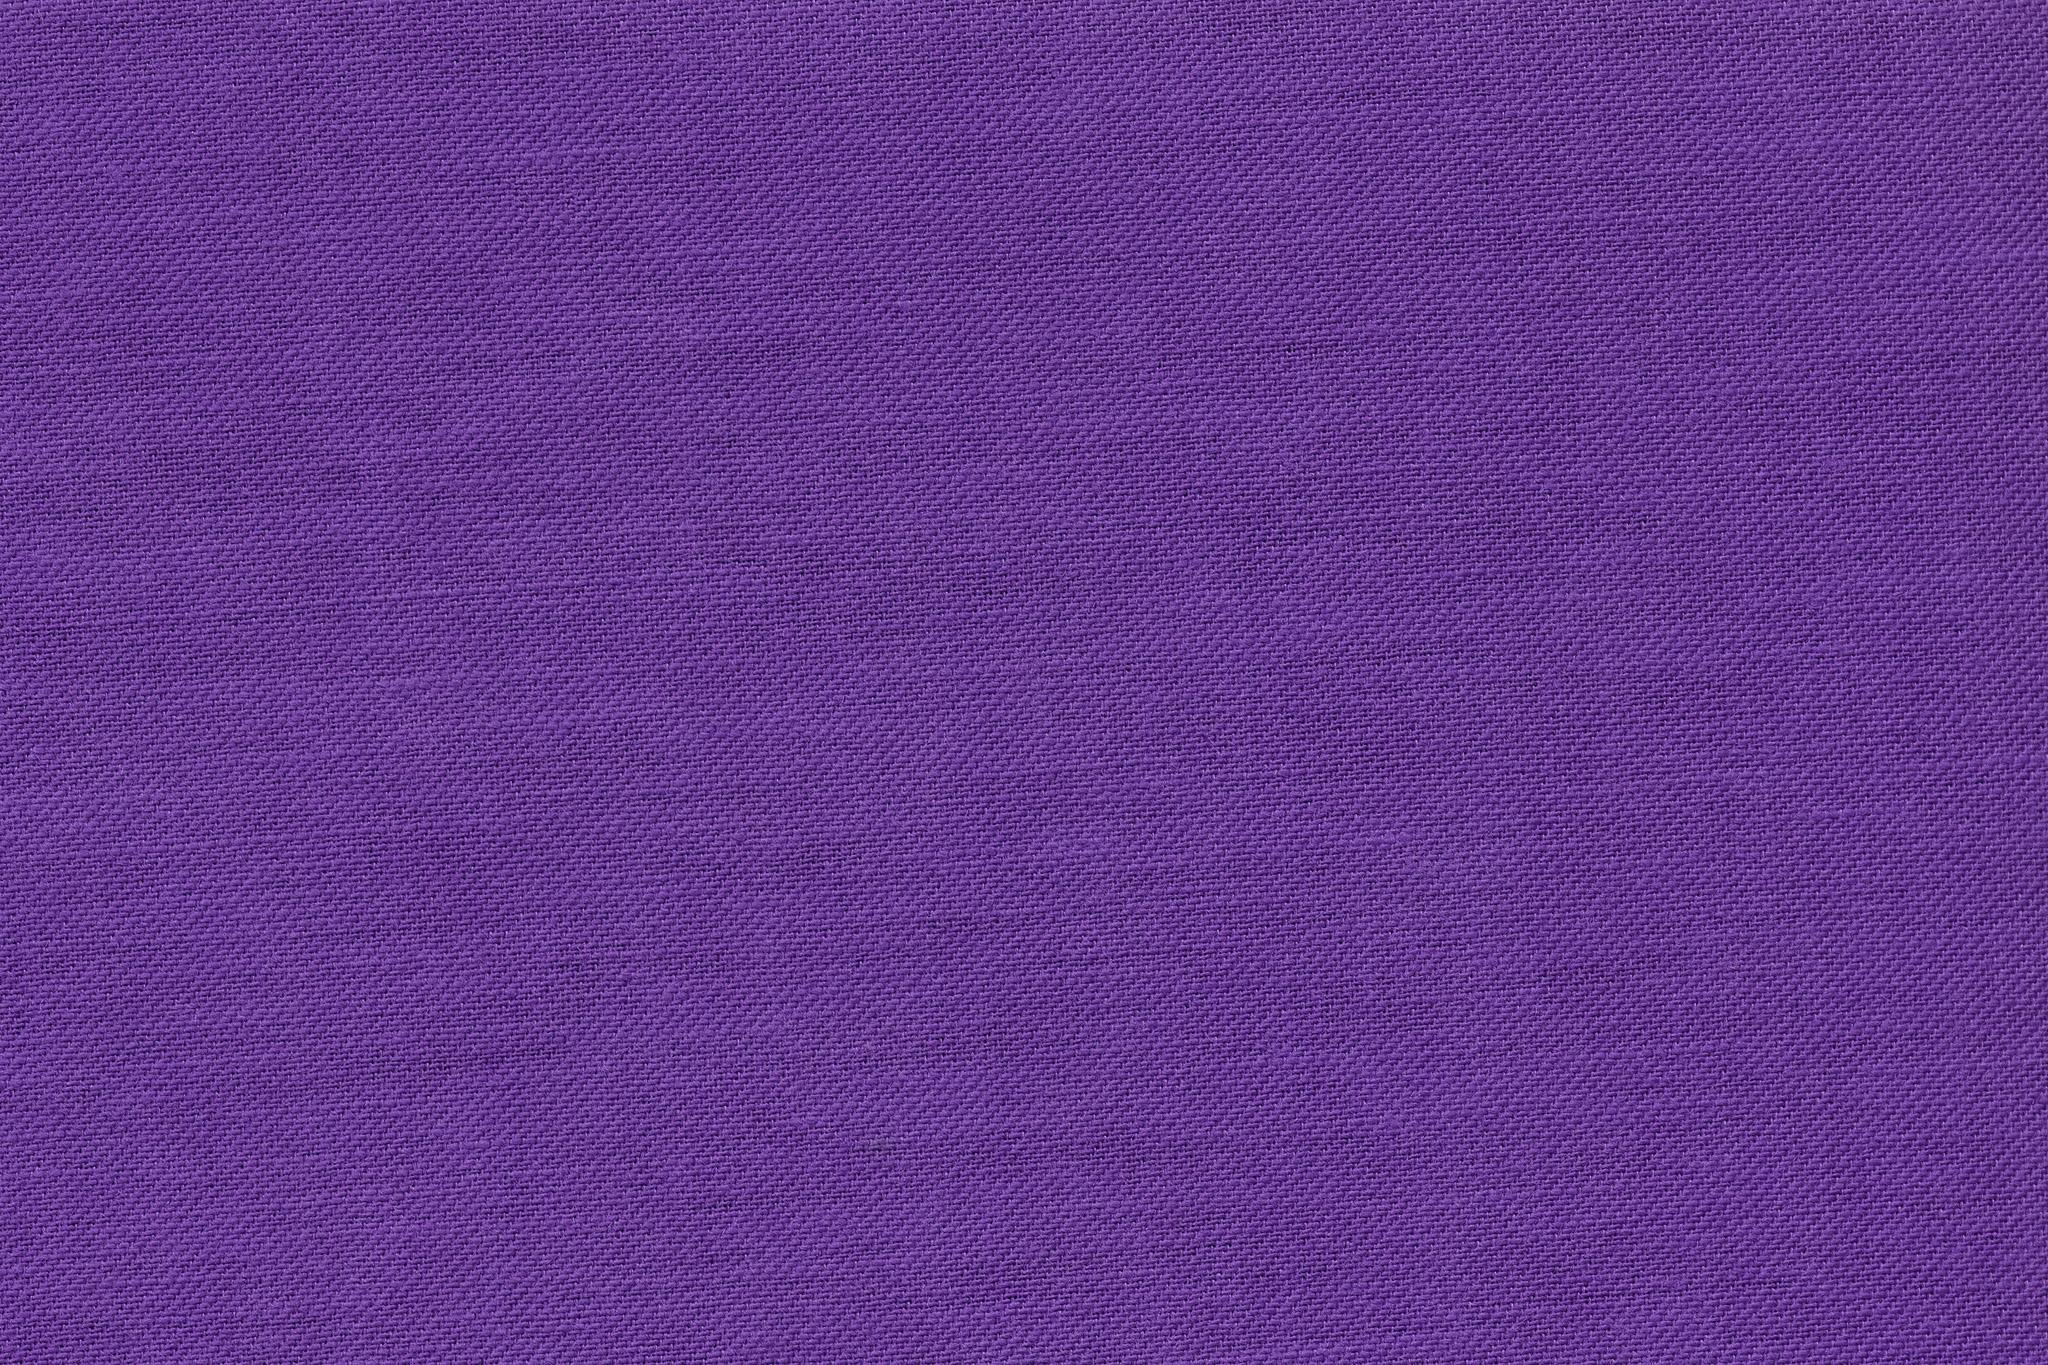 「細かい織目の紫色の生地」の画像を無料ダウンロード